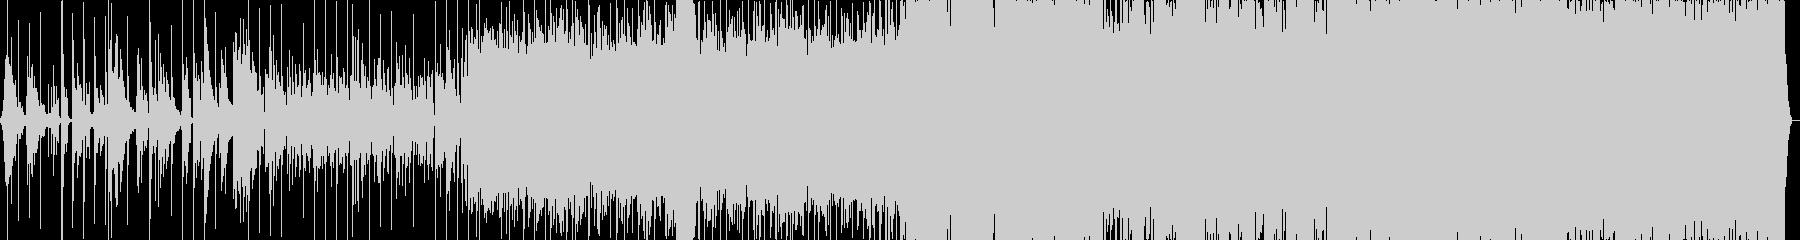 ファンタジー曲 弦 管 合唱 電子ドラムの未再生の波形